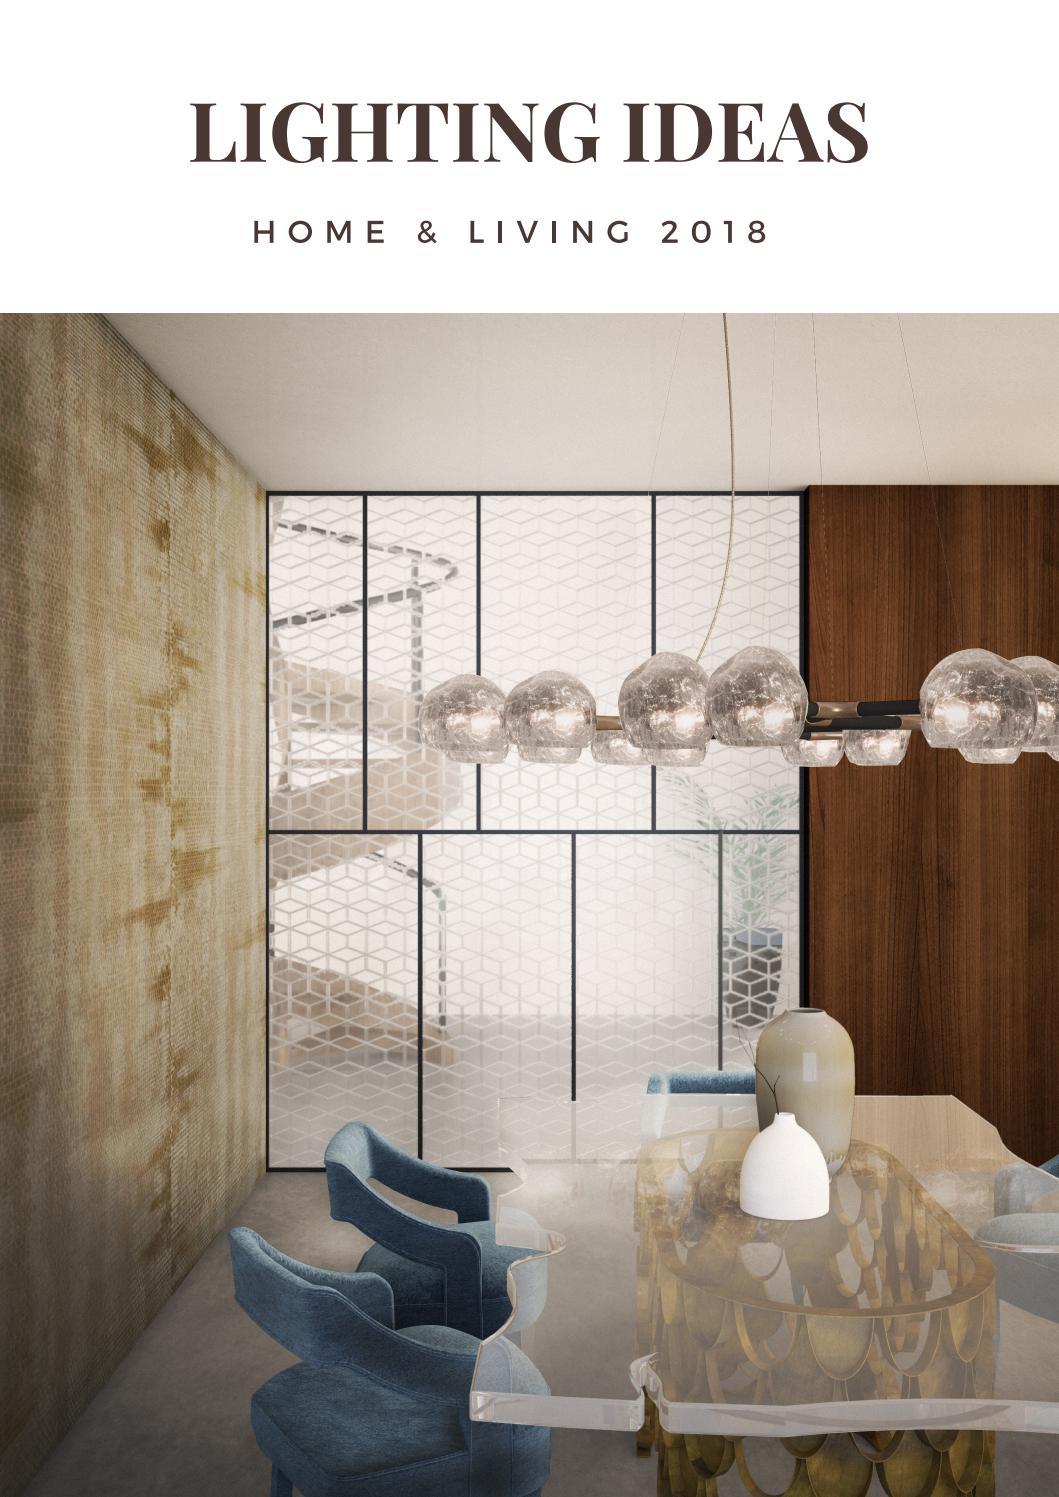 Lighting ideas lighting design 2018 by covet house issuu for Home lighting design